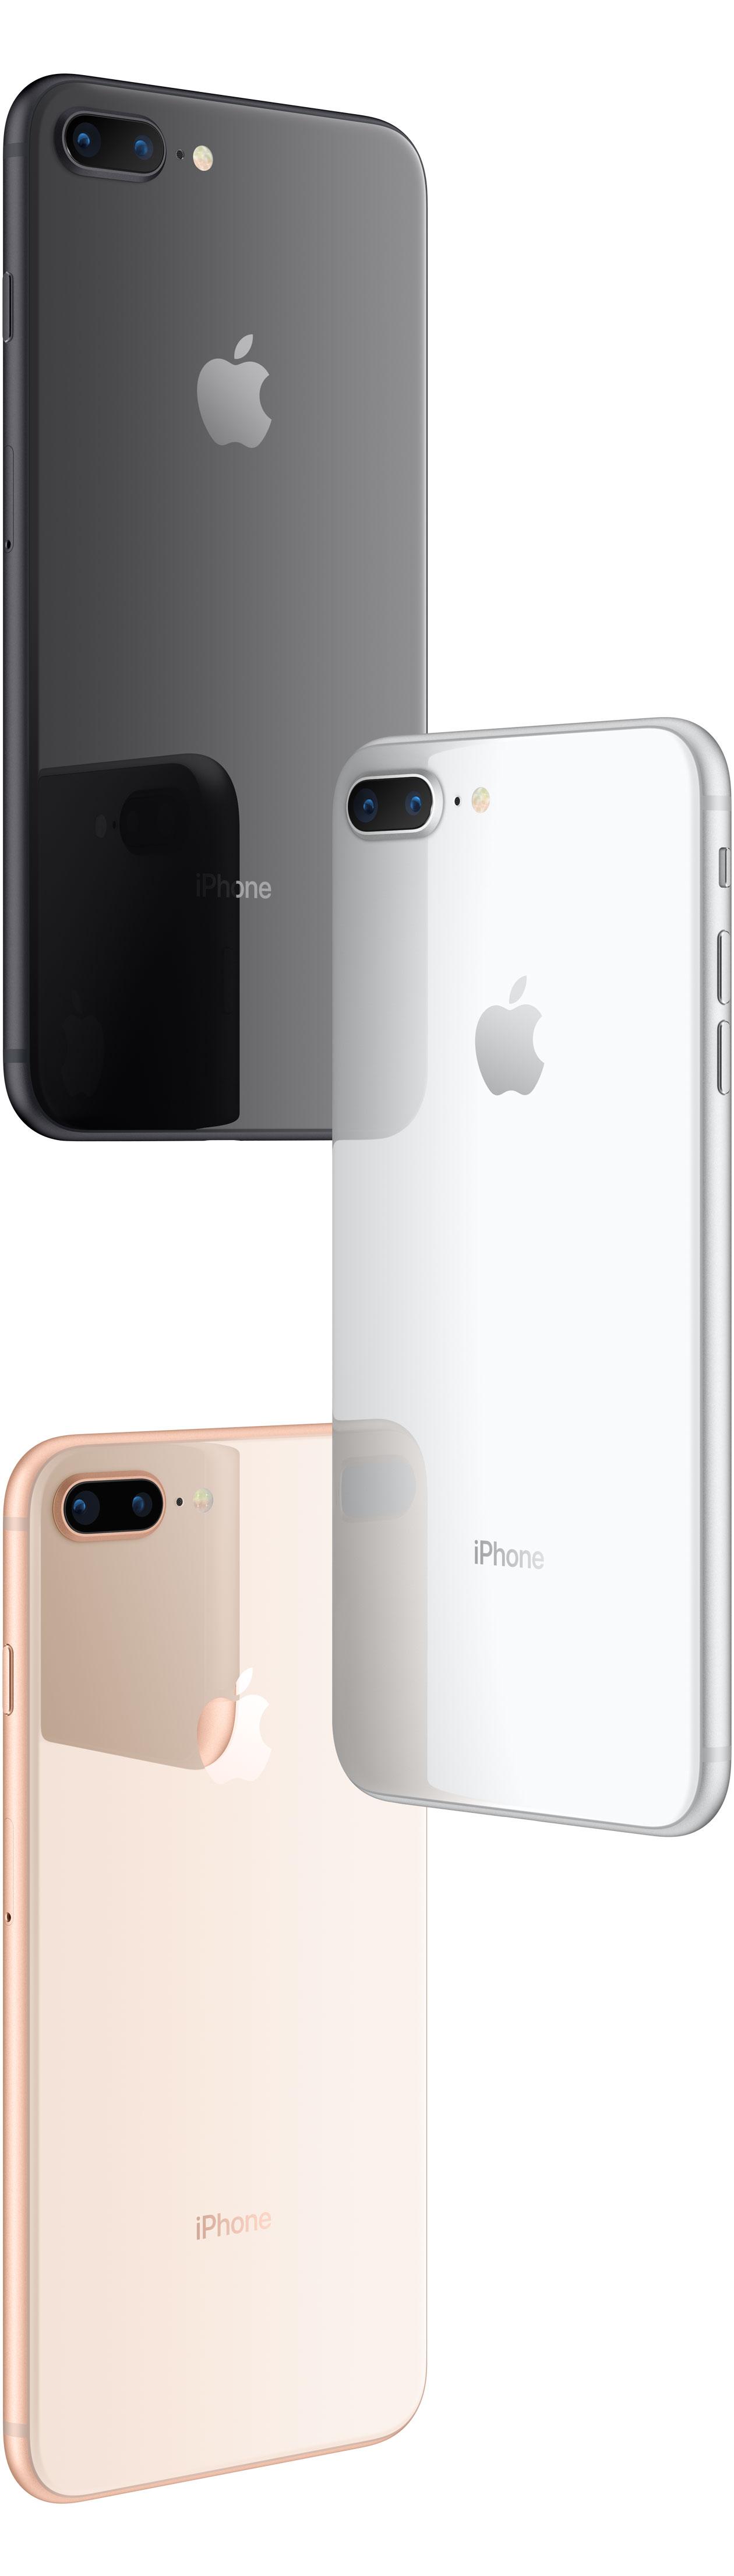 Acabados de cristal en el iPhone 8